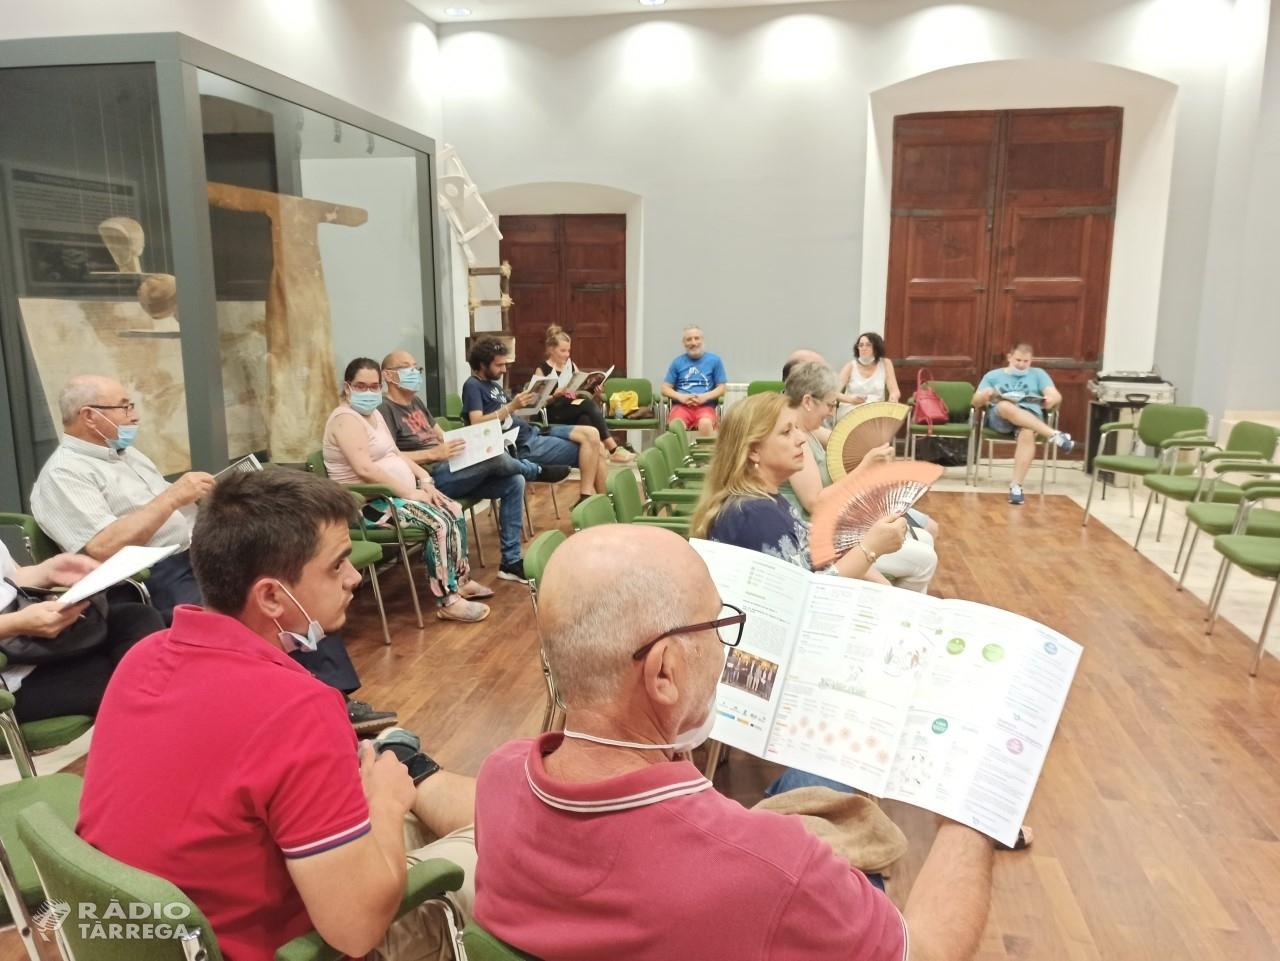 El Grup Alba inicia un canvi de rumb dels serveis diürns iniciant l'activitat als nous espais de Guissona, Agramunt i Verdú